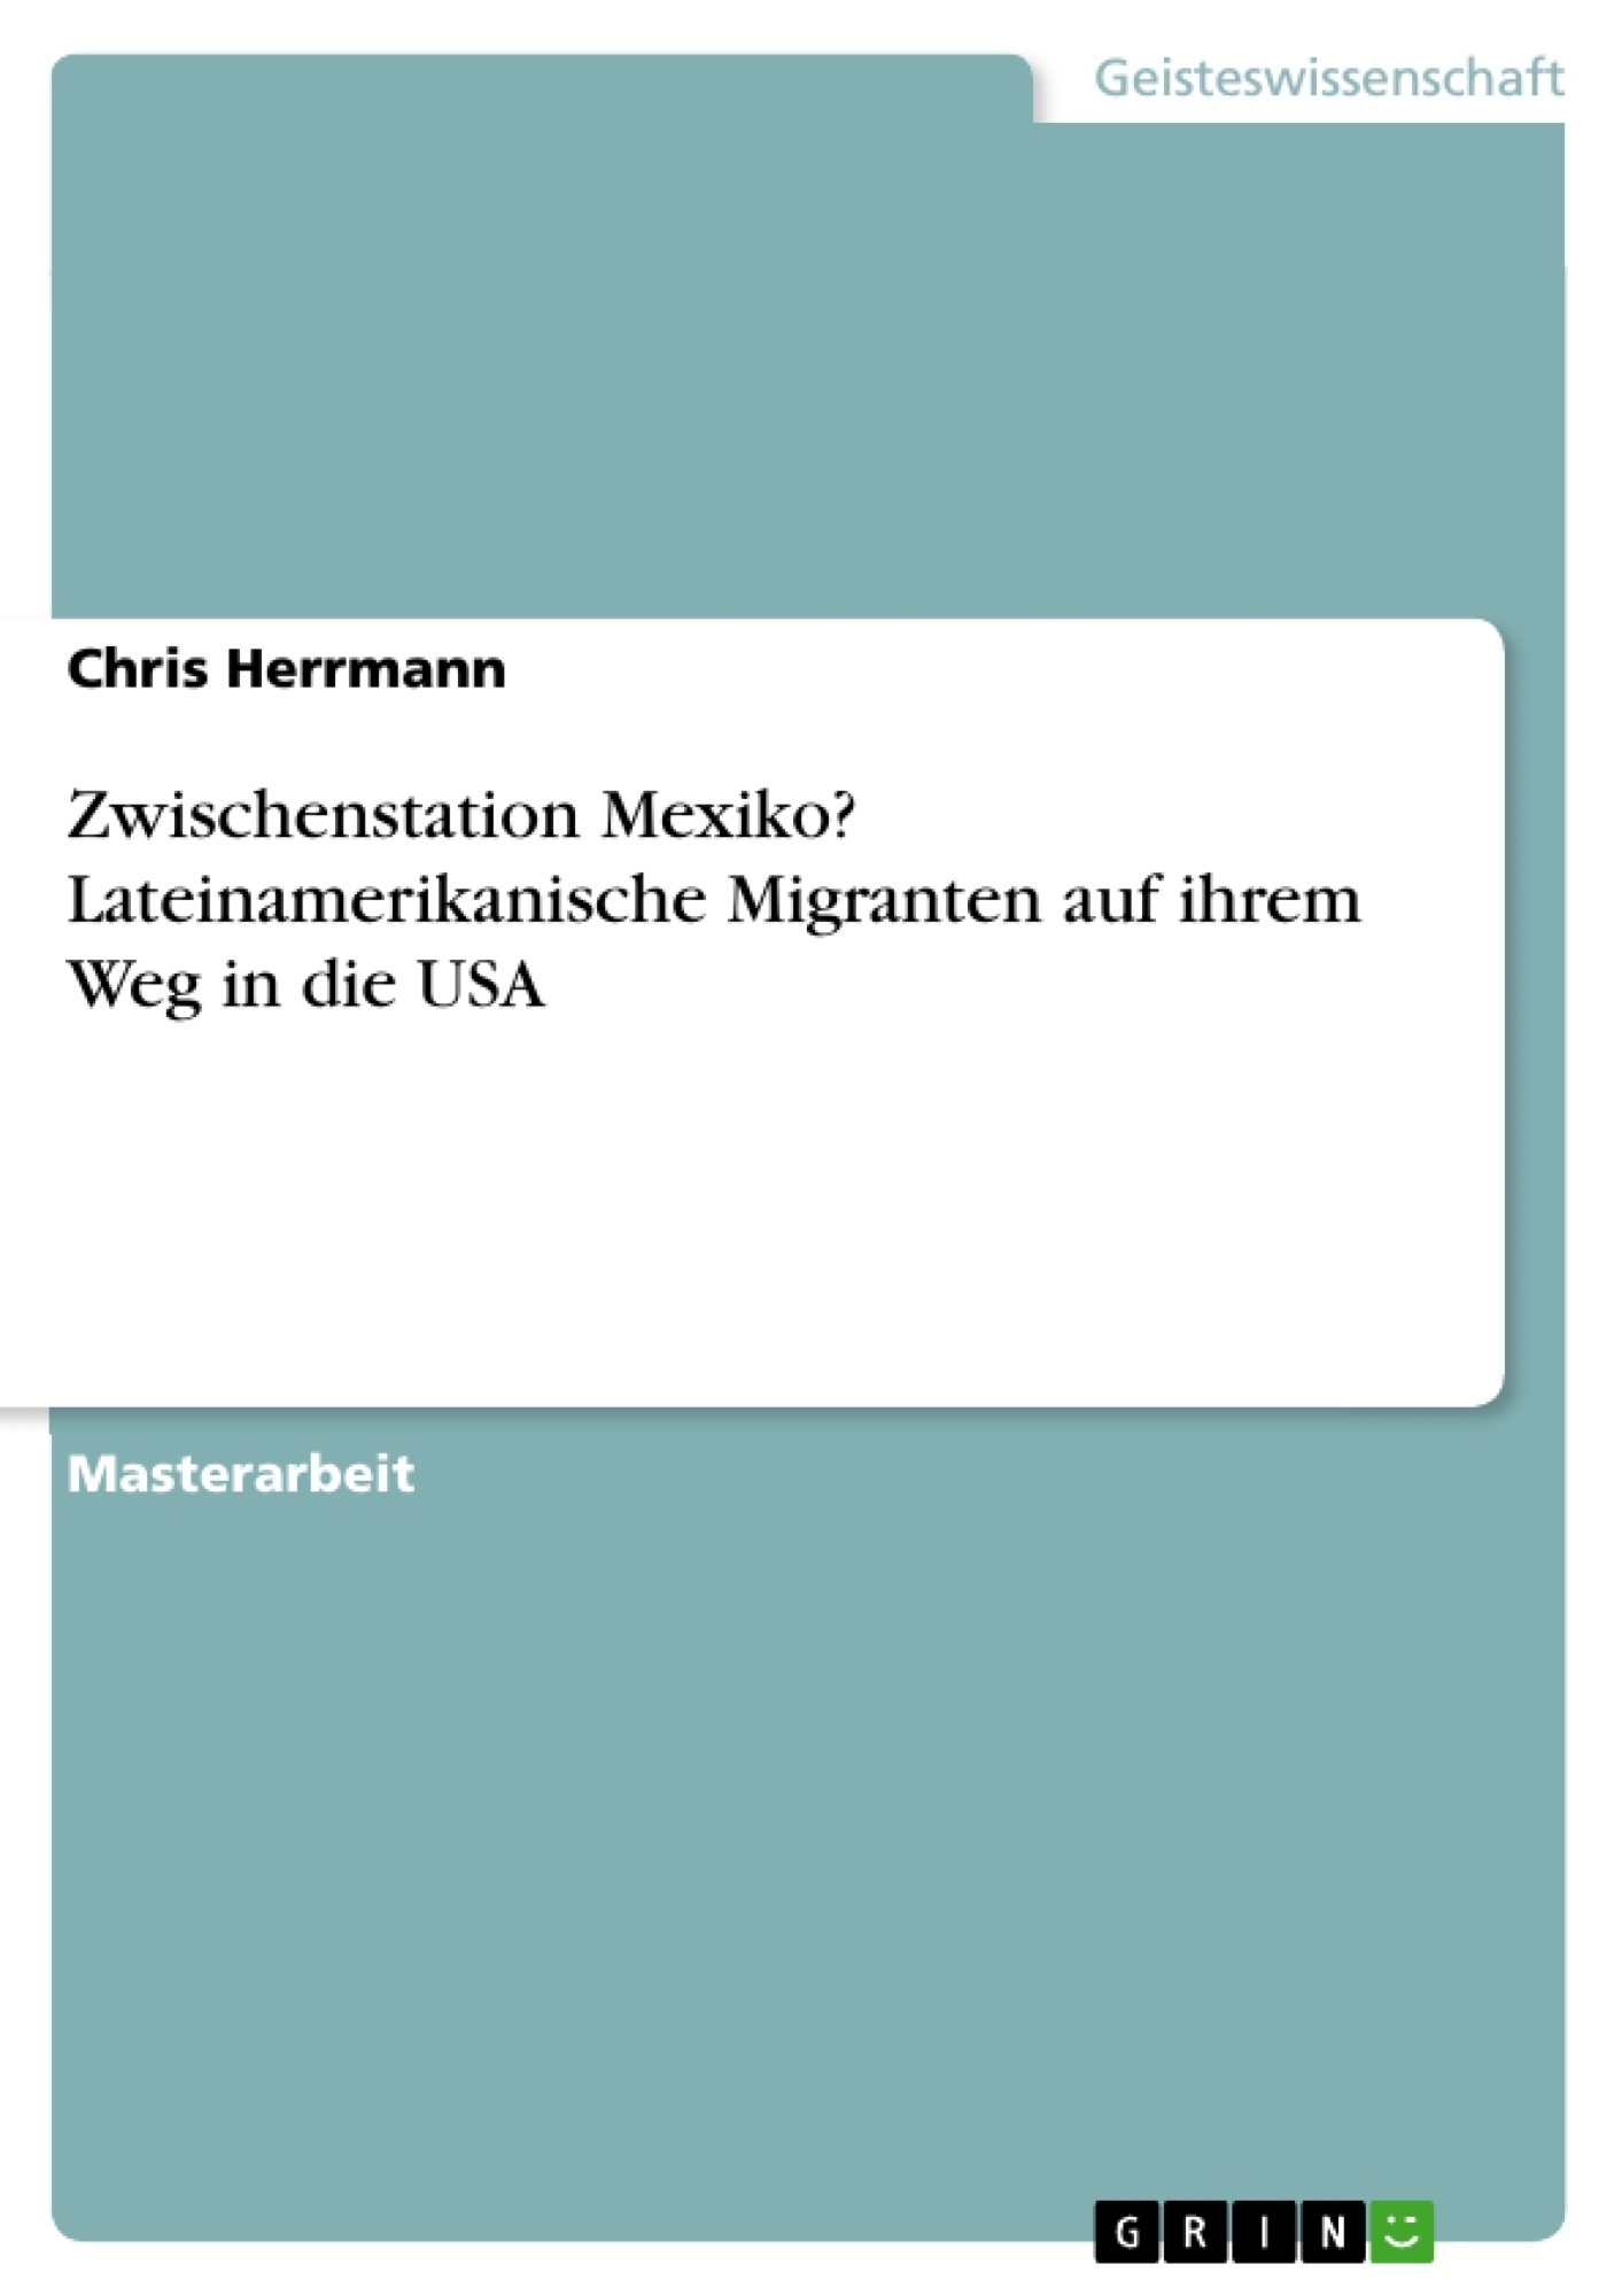 Titel: Zwischenstation Mexiko? Lateinamerikanische Migranten auf ihrem Weg in die USA